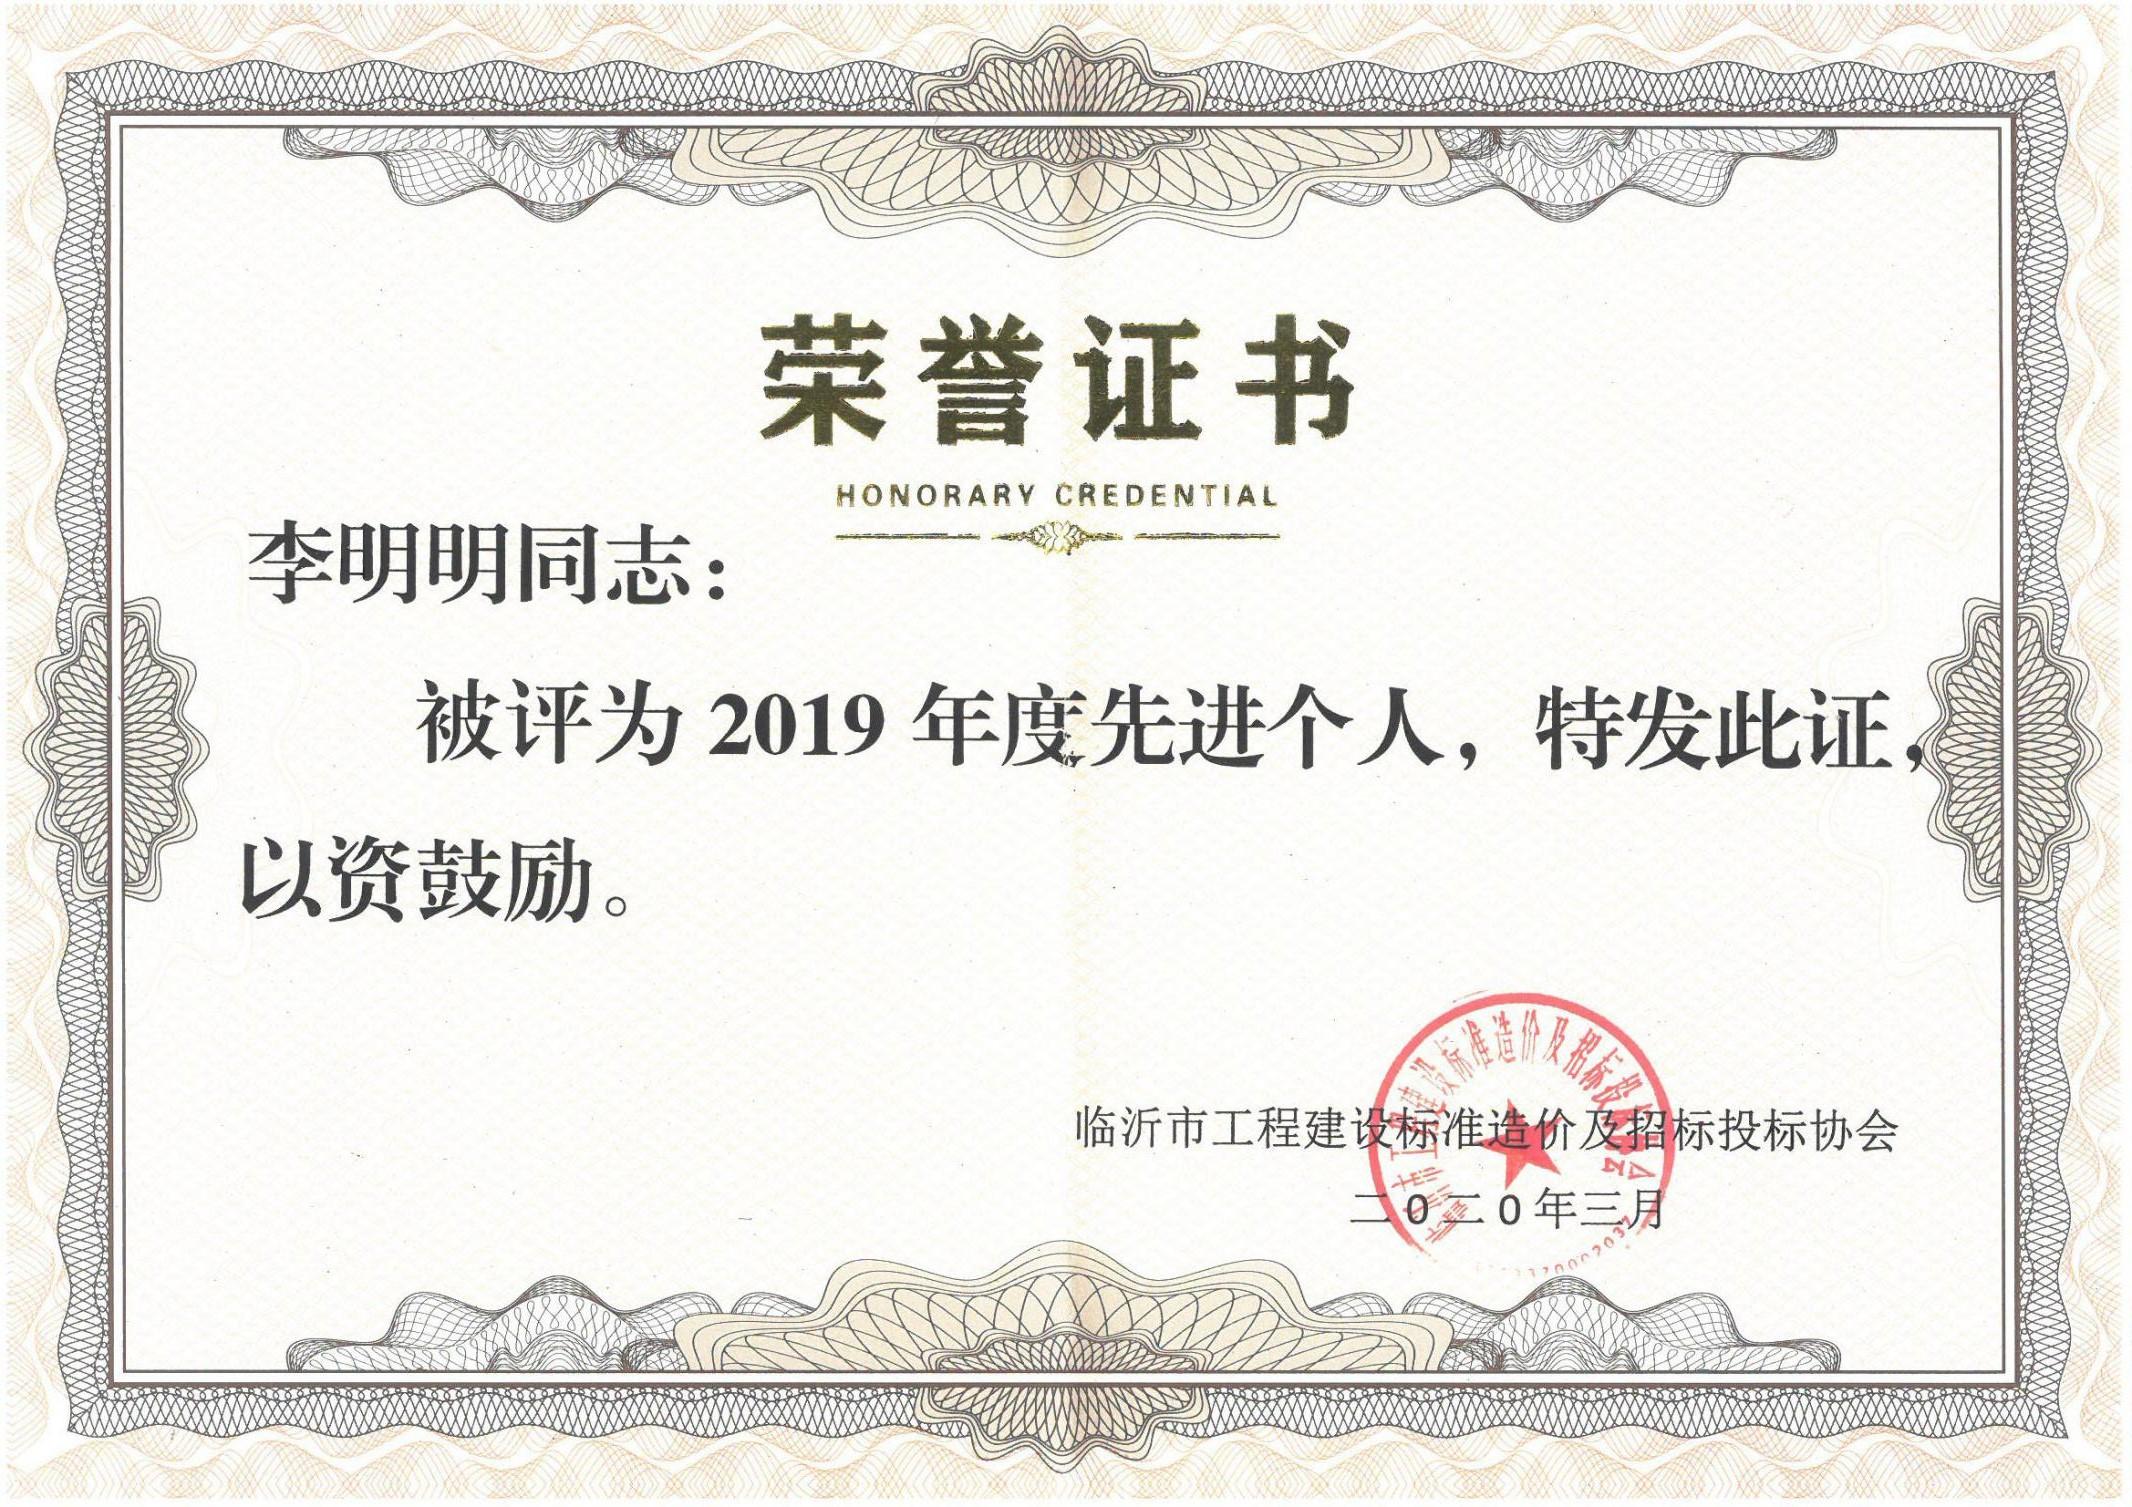 李明明荣誉证书